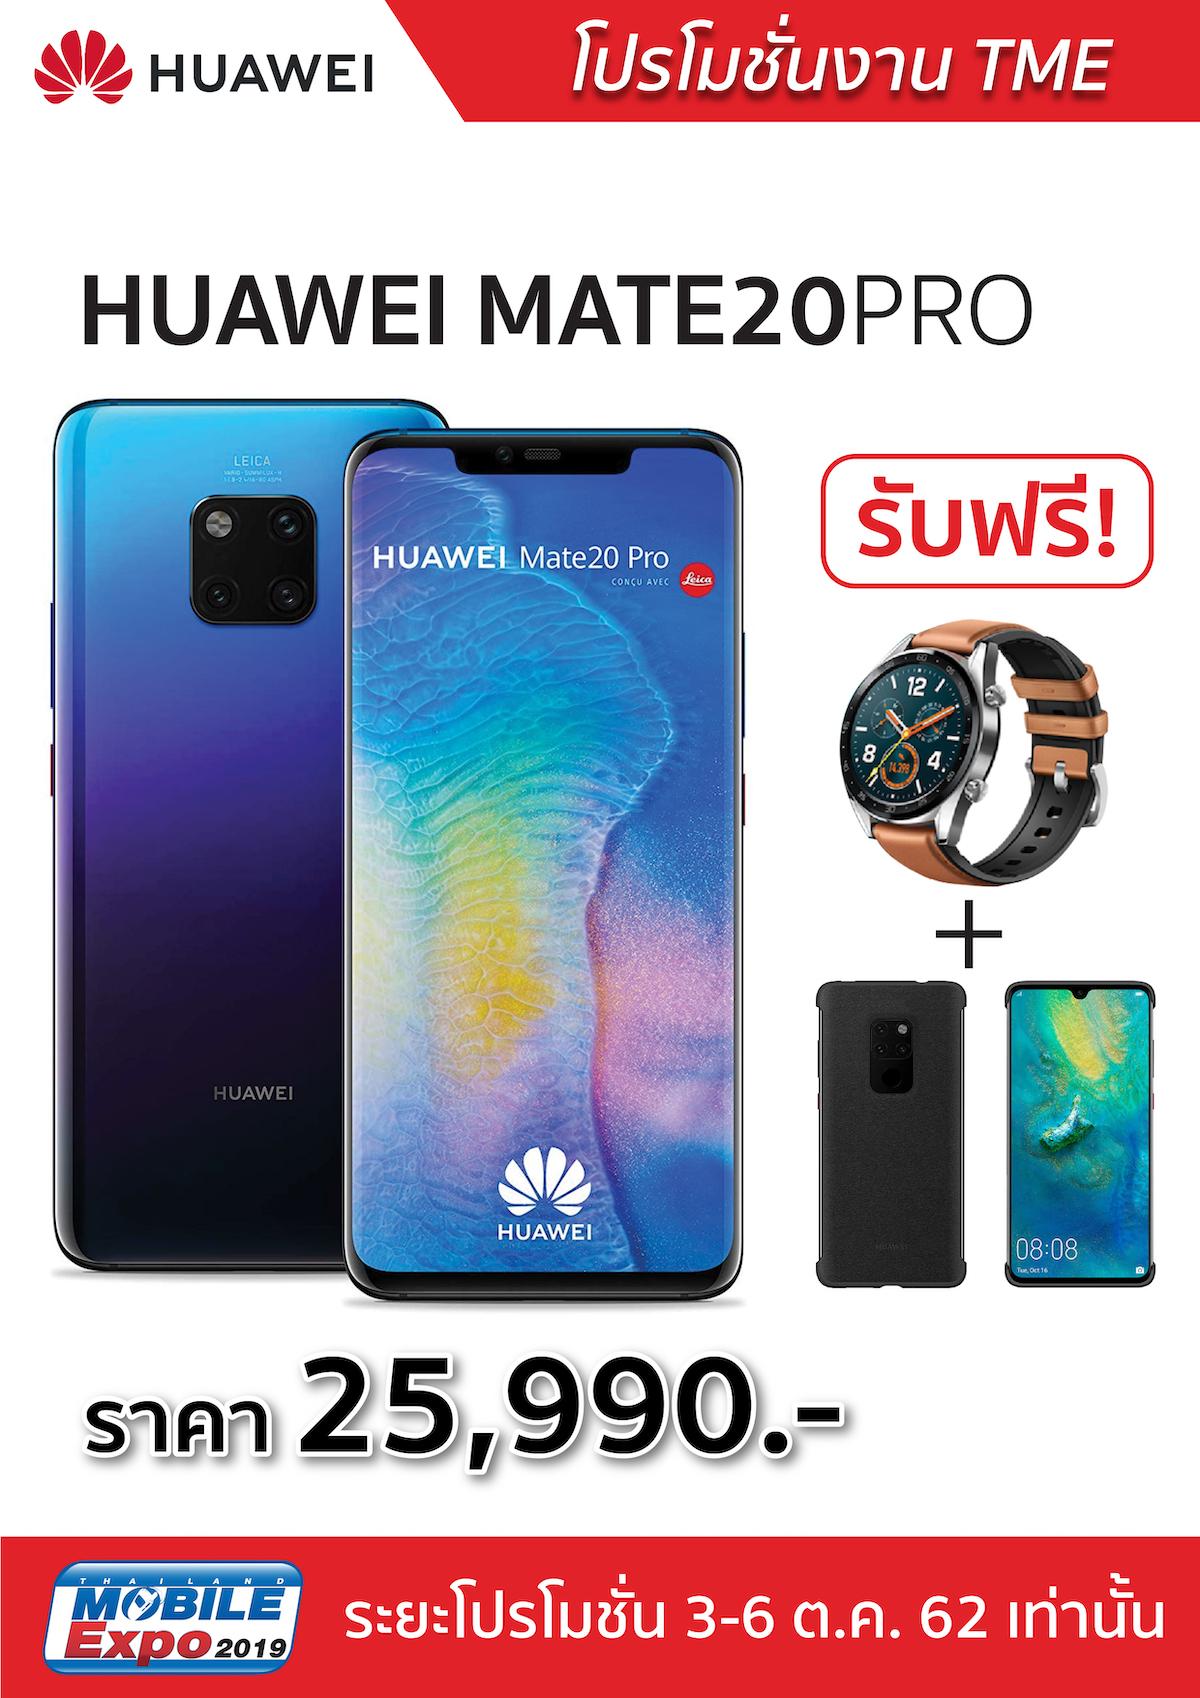 โปรโมชั่น Huawei ในงาน Mobile Expo 2019 วันที่ 3-6 ต.ค. ที่ ไบเทค บางนา